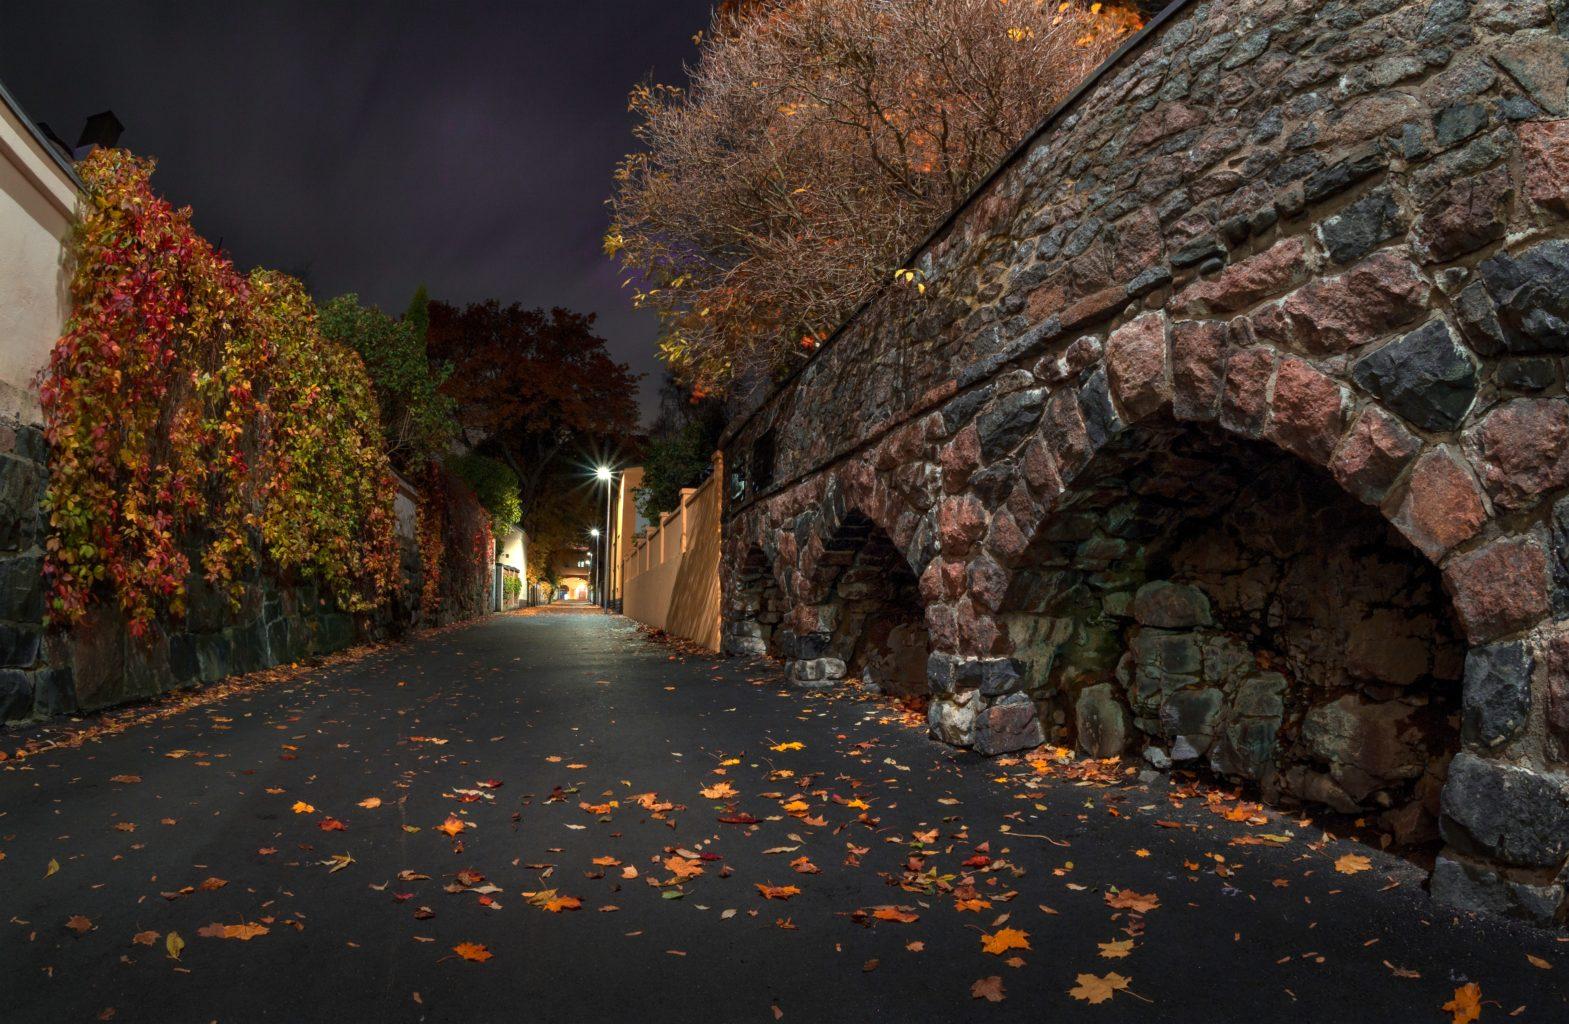 Fall Night Stone Wall Image Journal